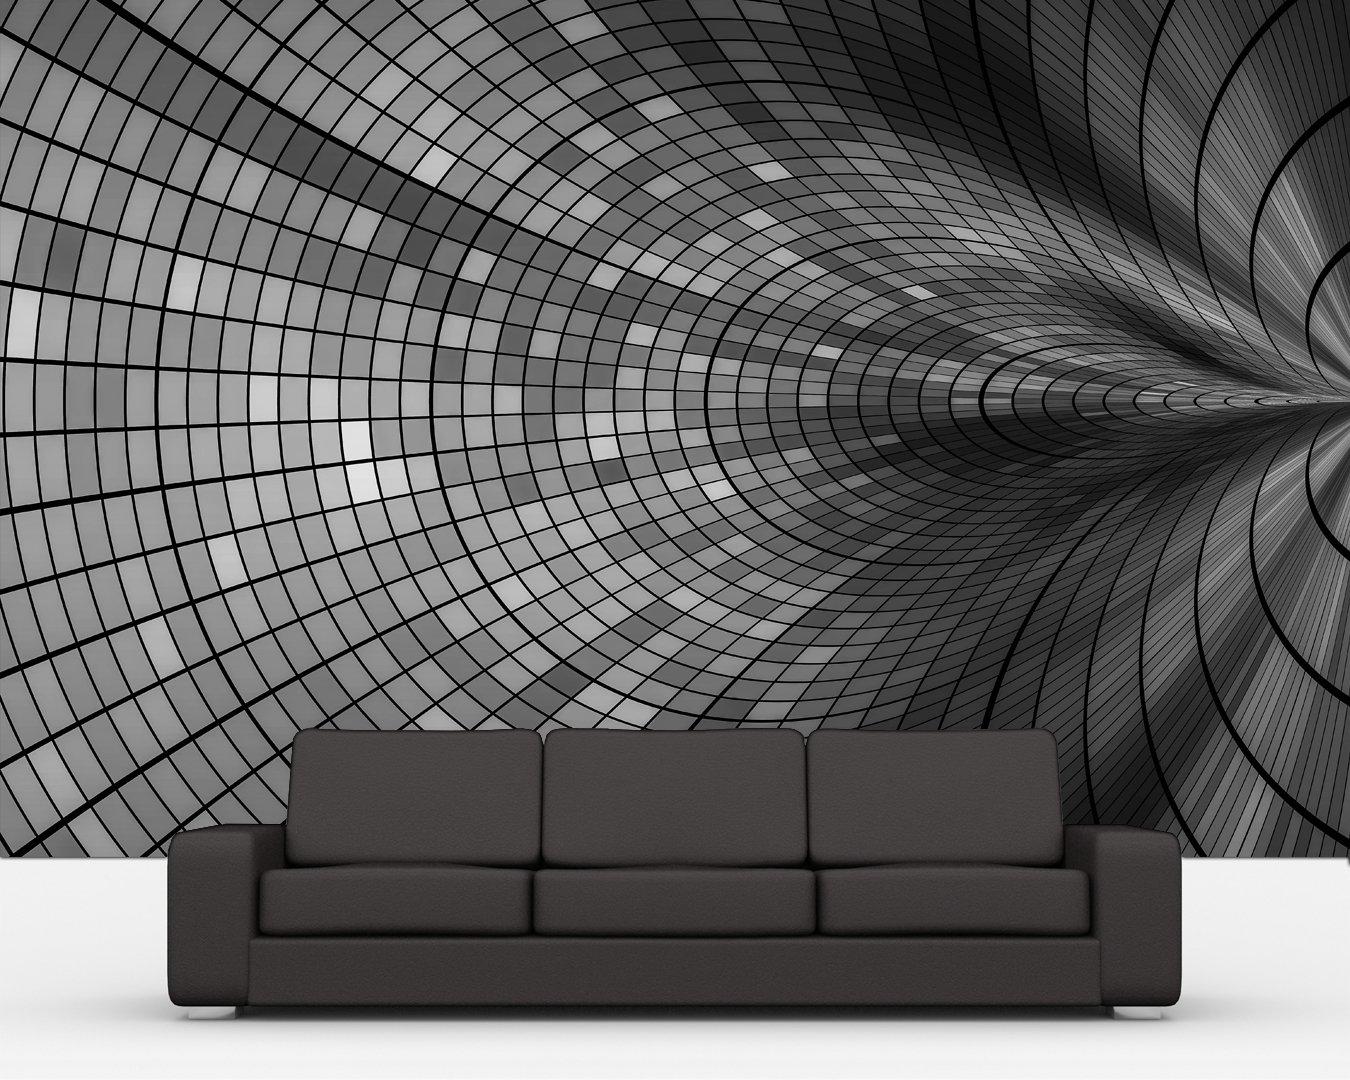 Bilderdepot24 selbstklebende Fototapete abstrakter Hintergrund  schwarz weiss 360x230 cm  direkt vom Hersteller   Kritiken und weitere Infos